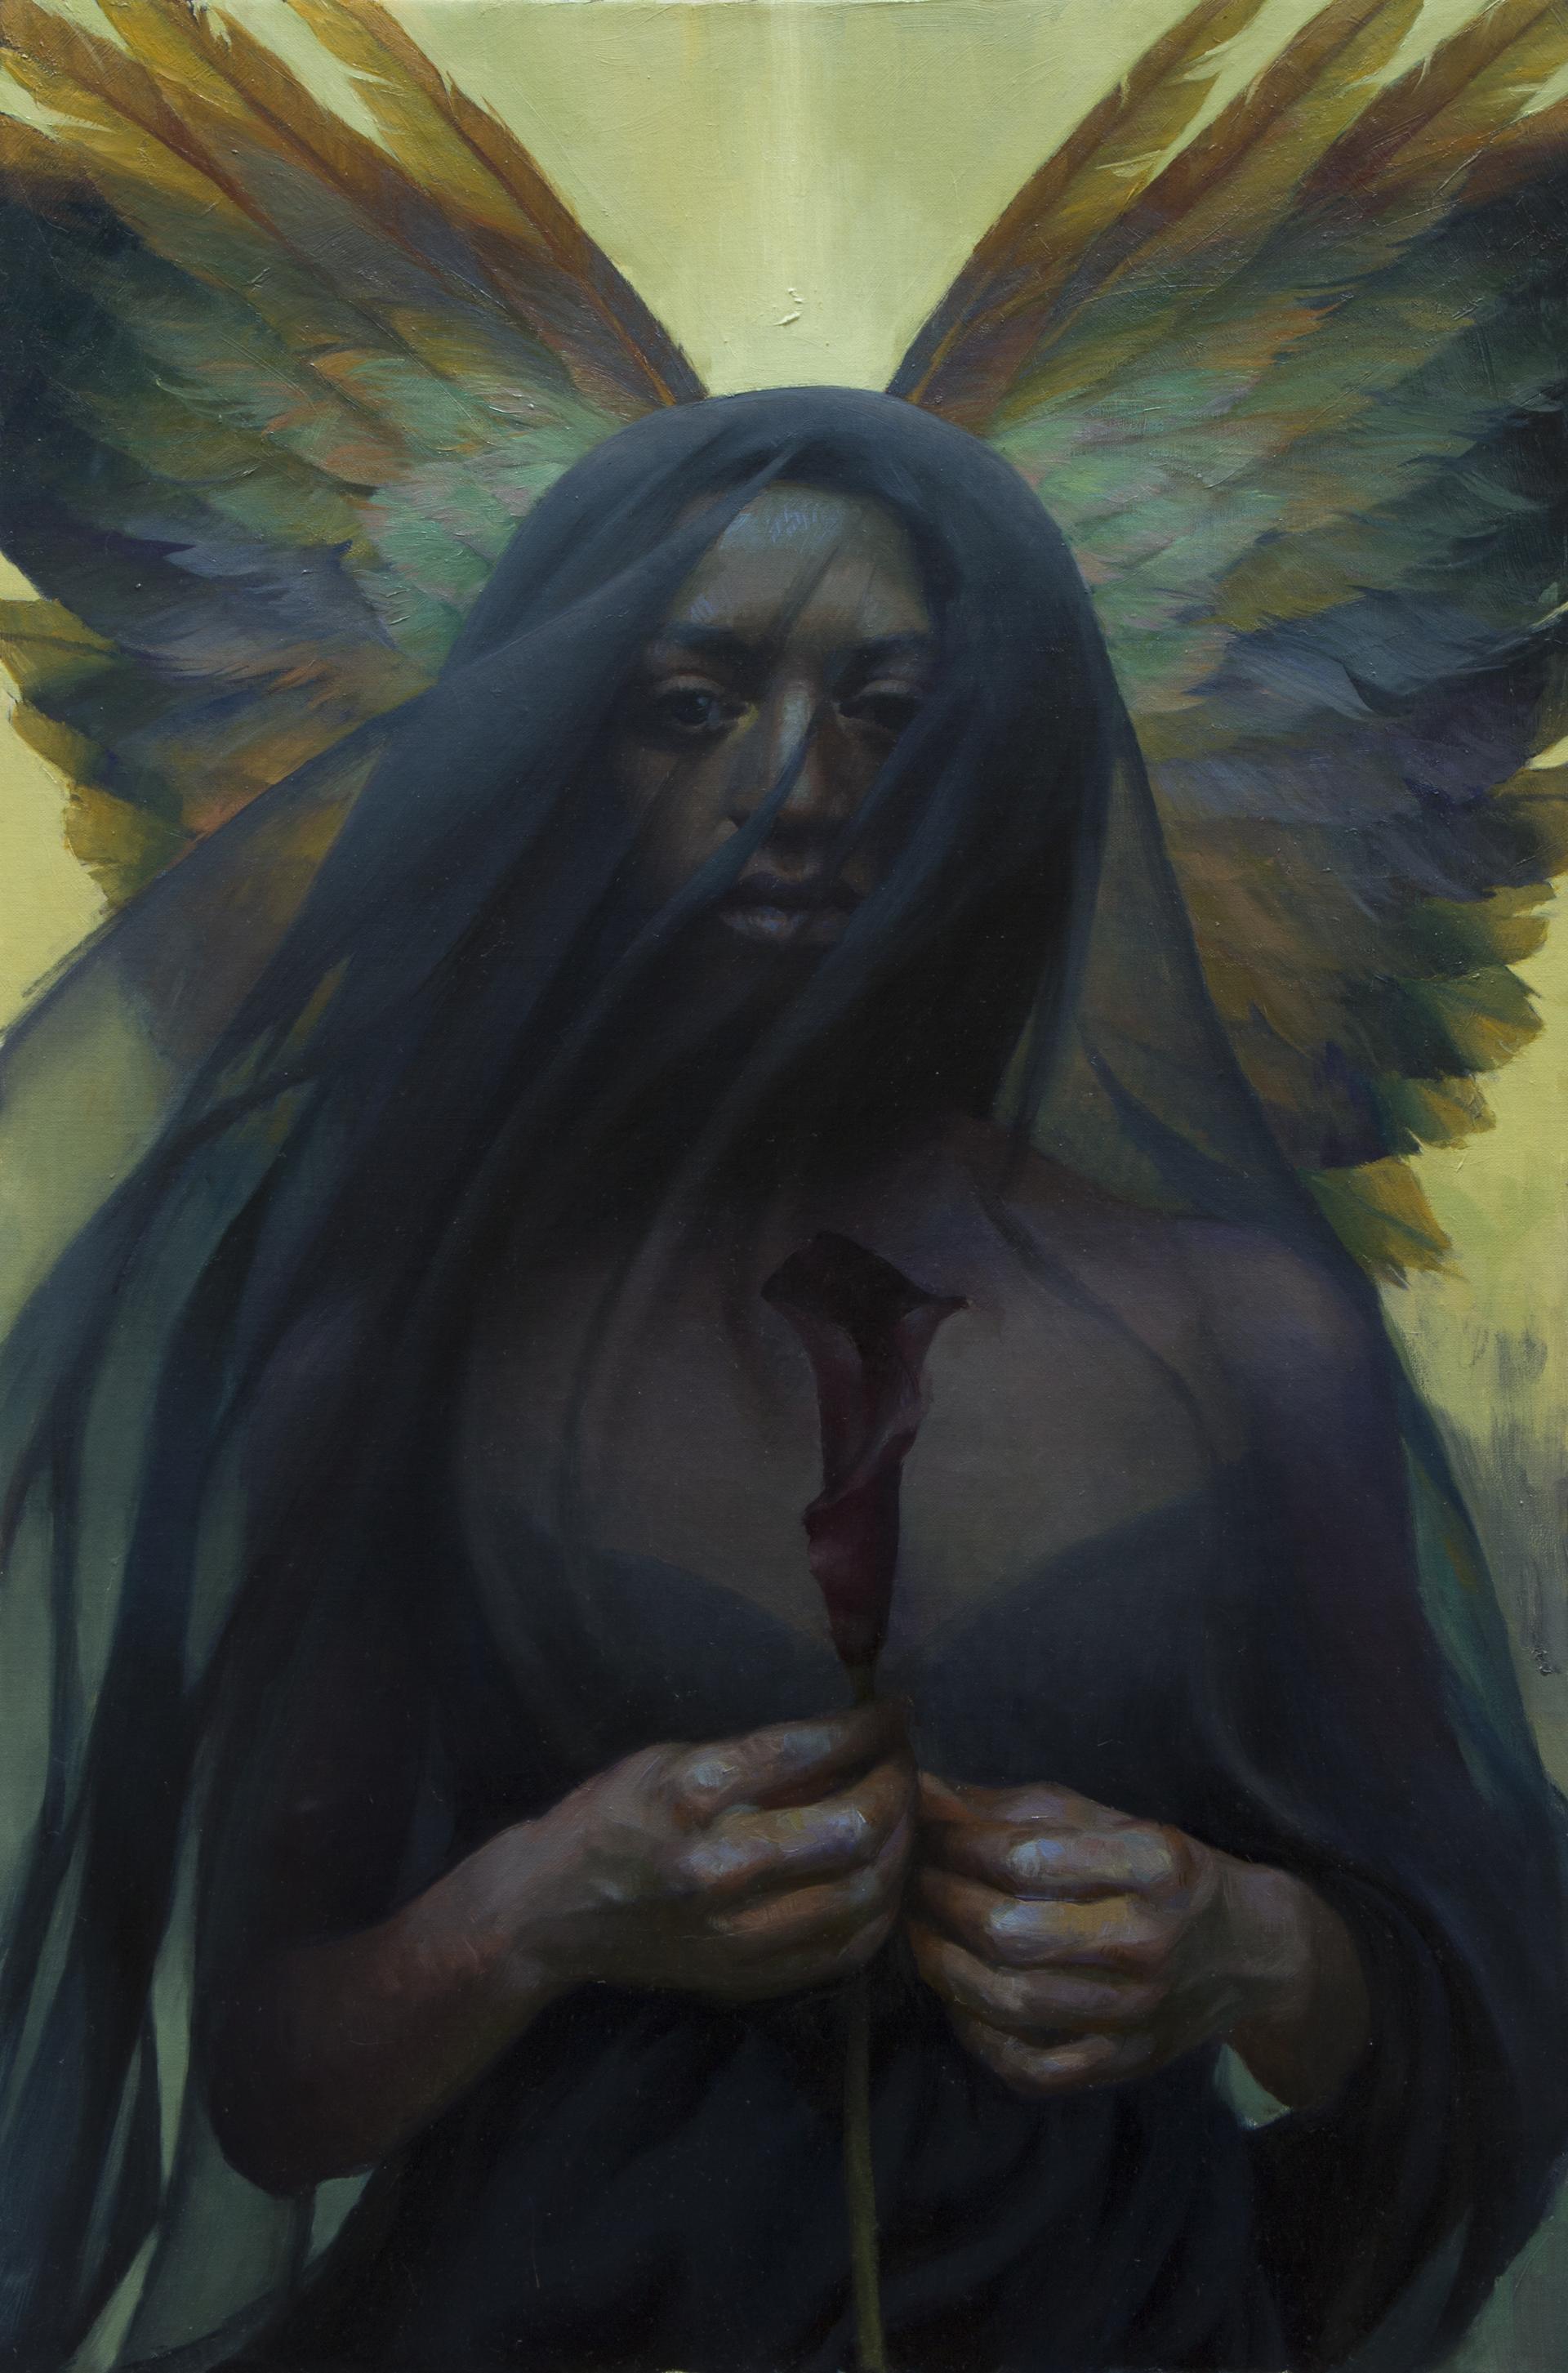 Mourning Angel by Adrienne Stein